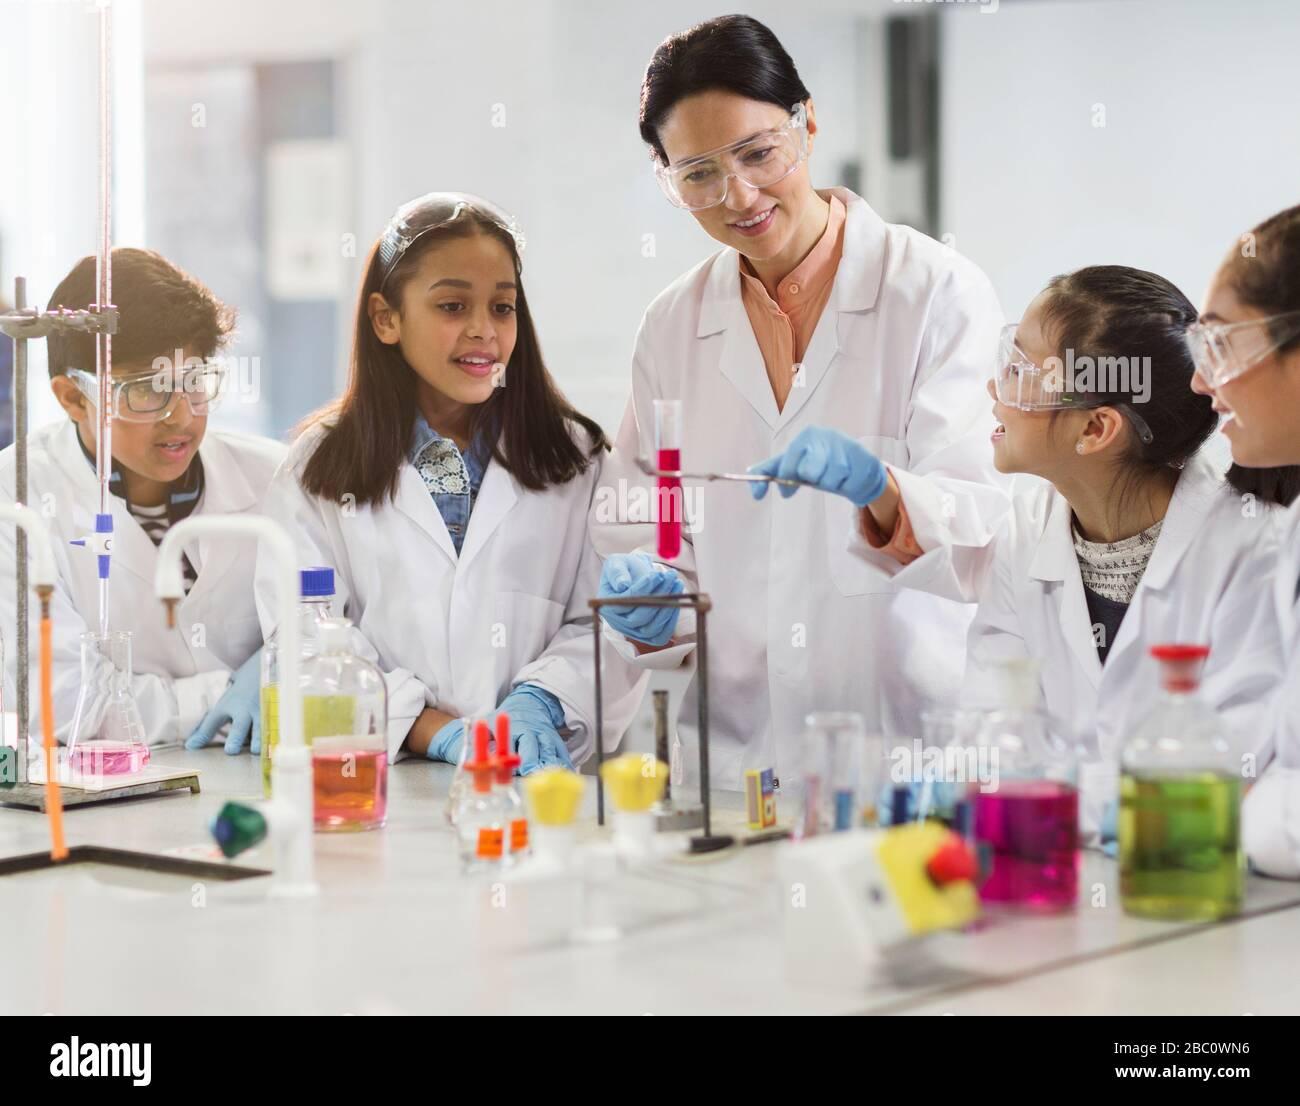 Lehrerinnen und Studenten, die wissenschaftliche Experimente im Laborunterricht durchführen Stockfoto